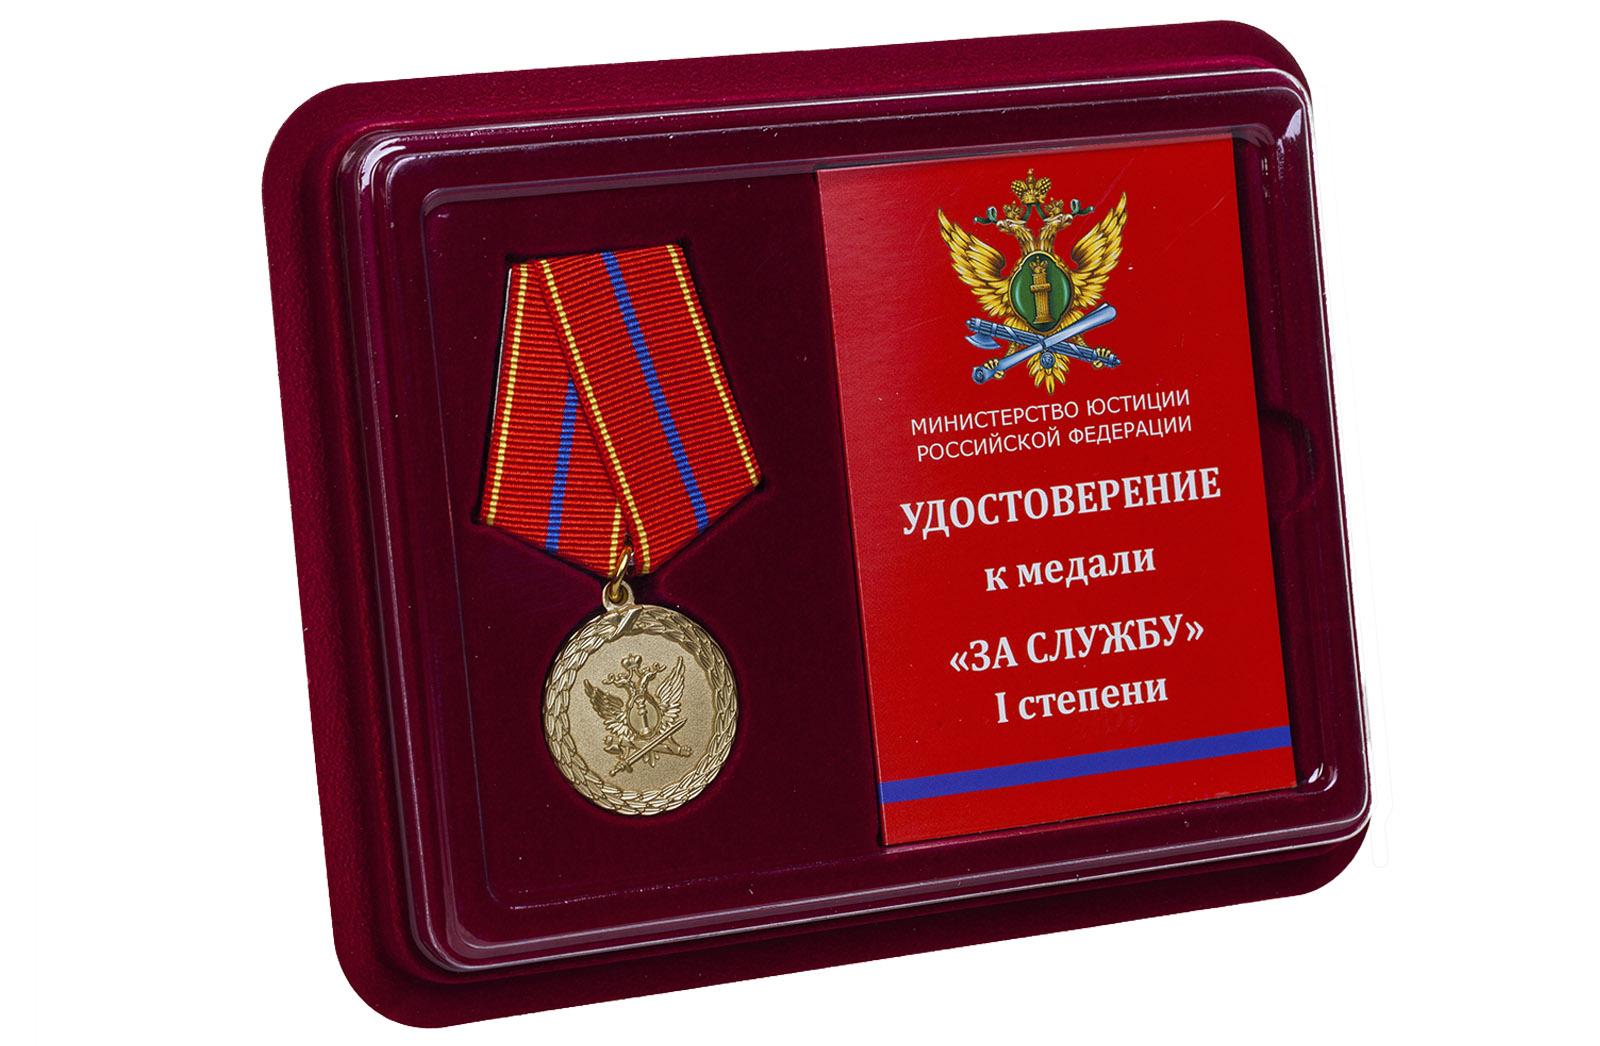 Медаль Минюст РФ За службу (1 степень) купить выгодно